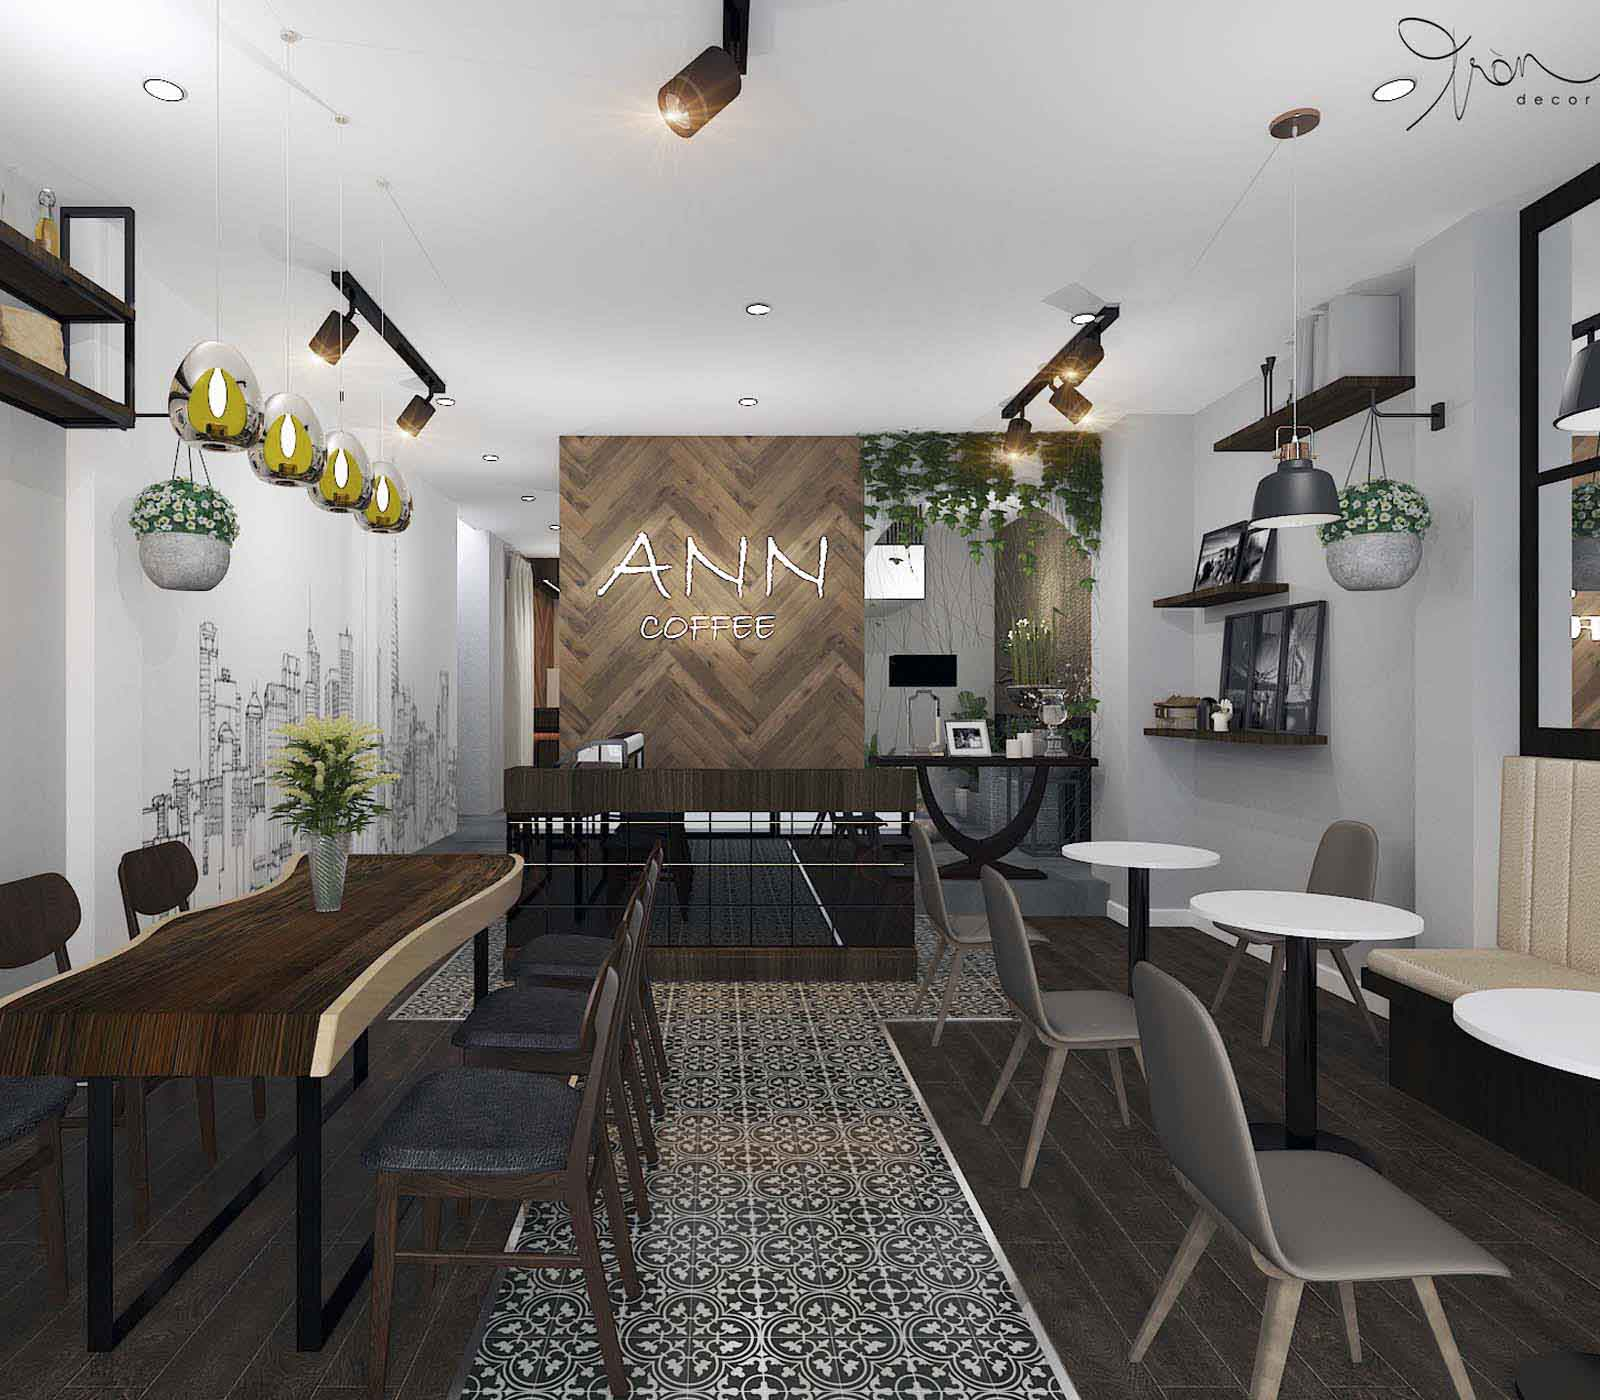 THIẾT KẾ NỘI THẤT QUÁN CAFE ANN 70M2